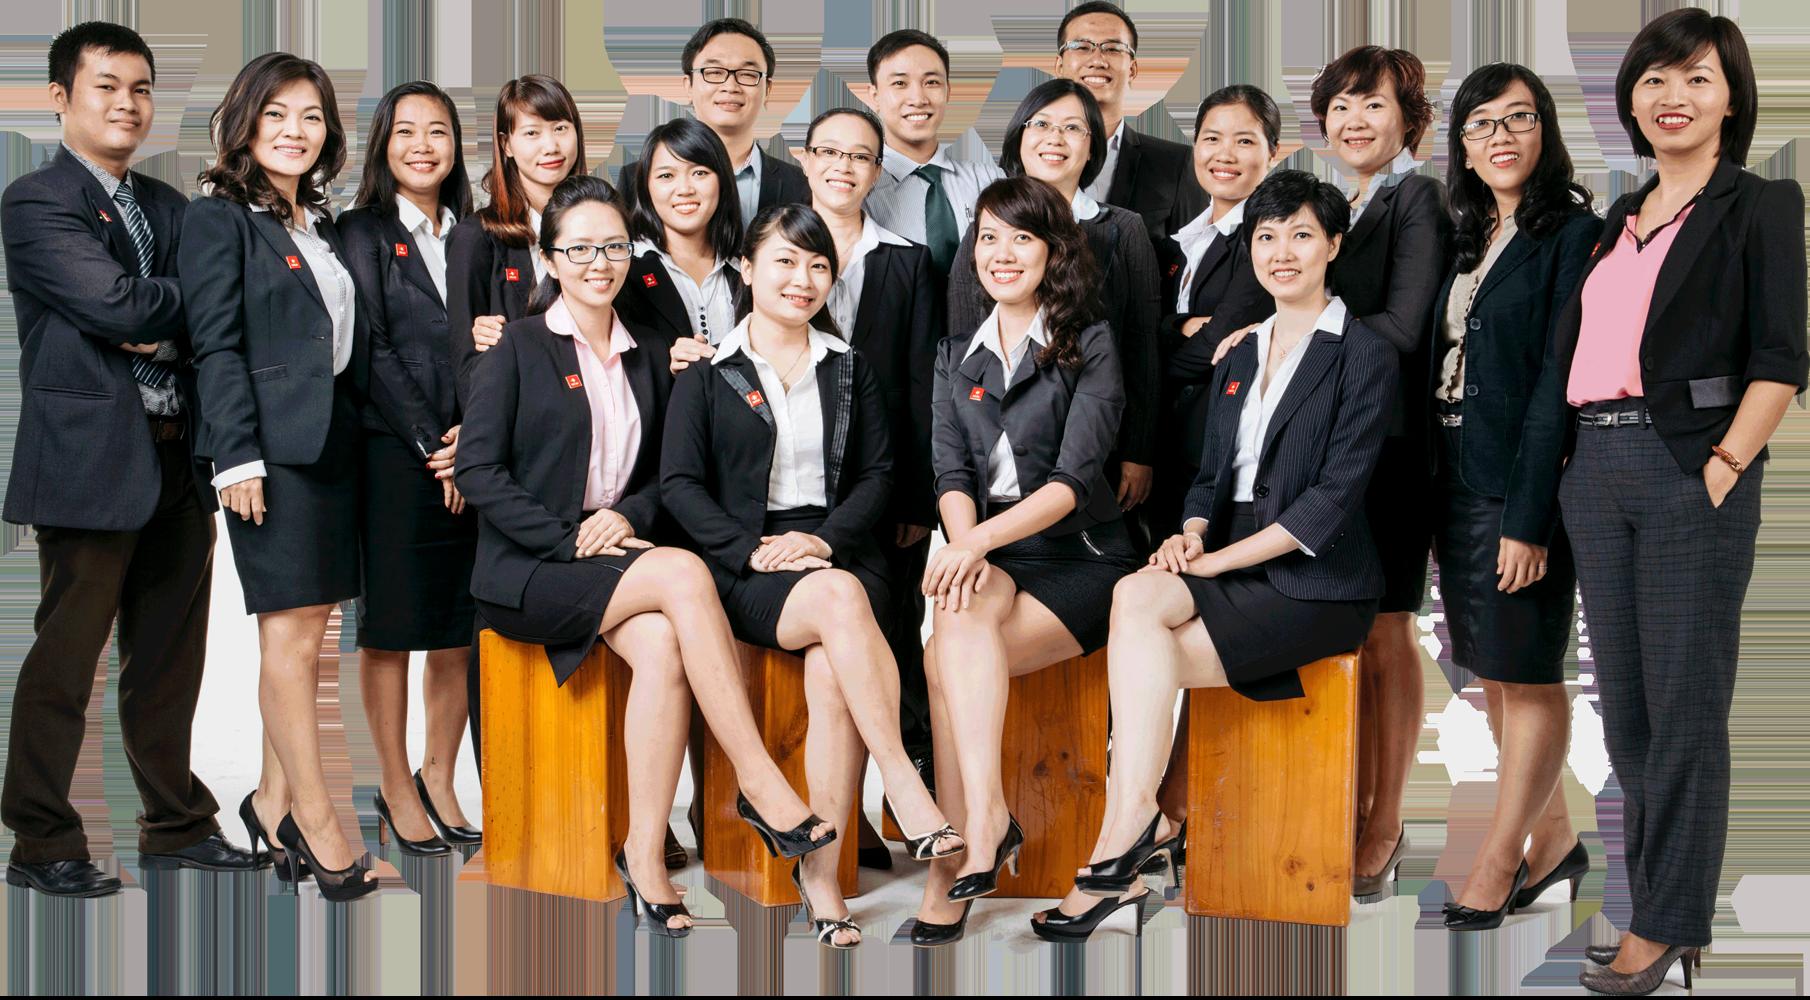 candidate hrb vietnam jobs